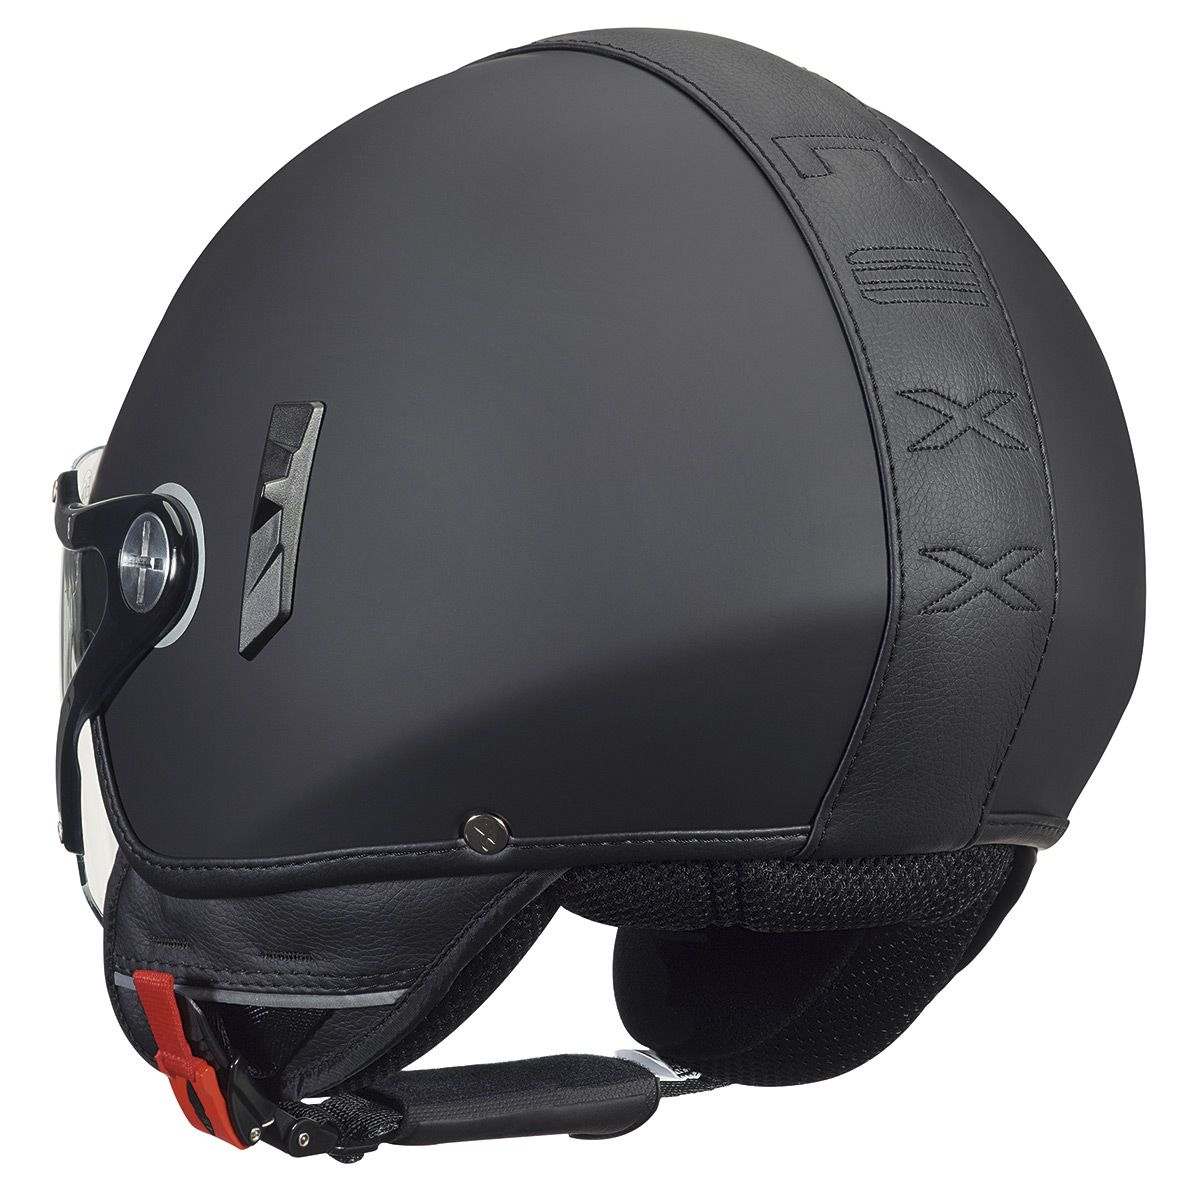 Capacete Nexx X60 Preto Fosco  - Nova Centro Boutique Roupas para Motociclistas